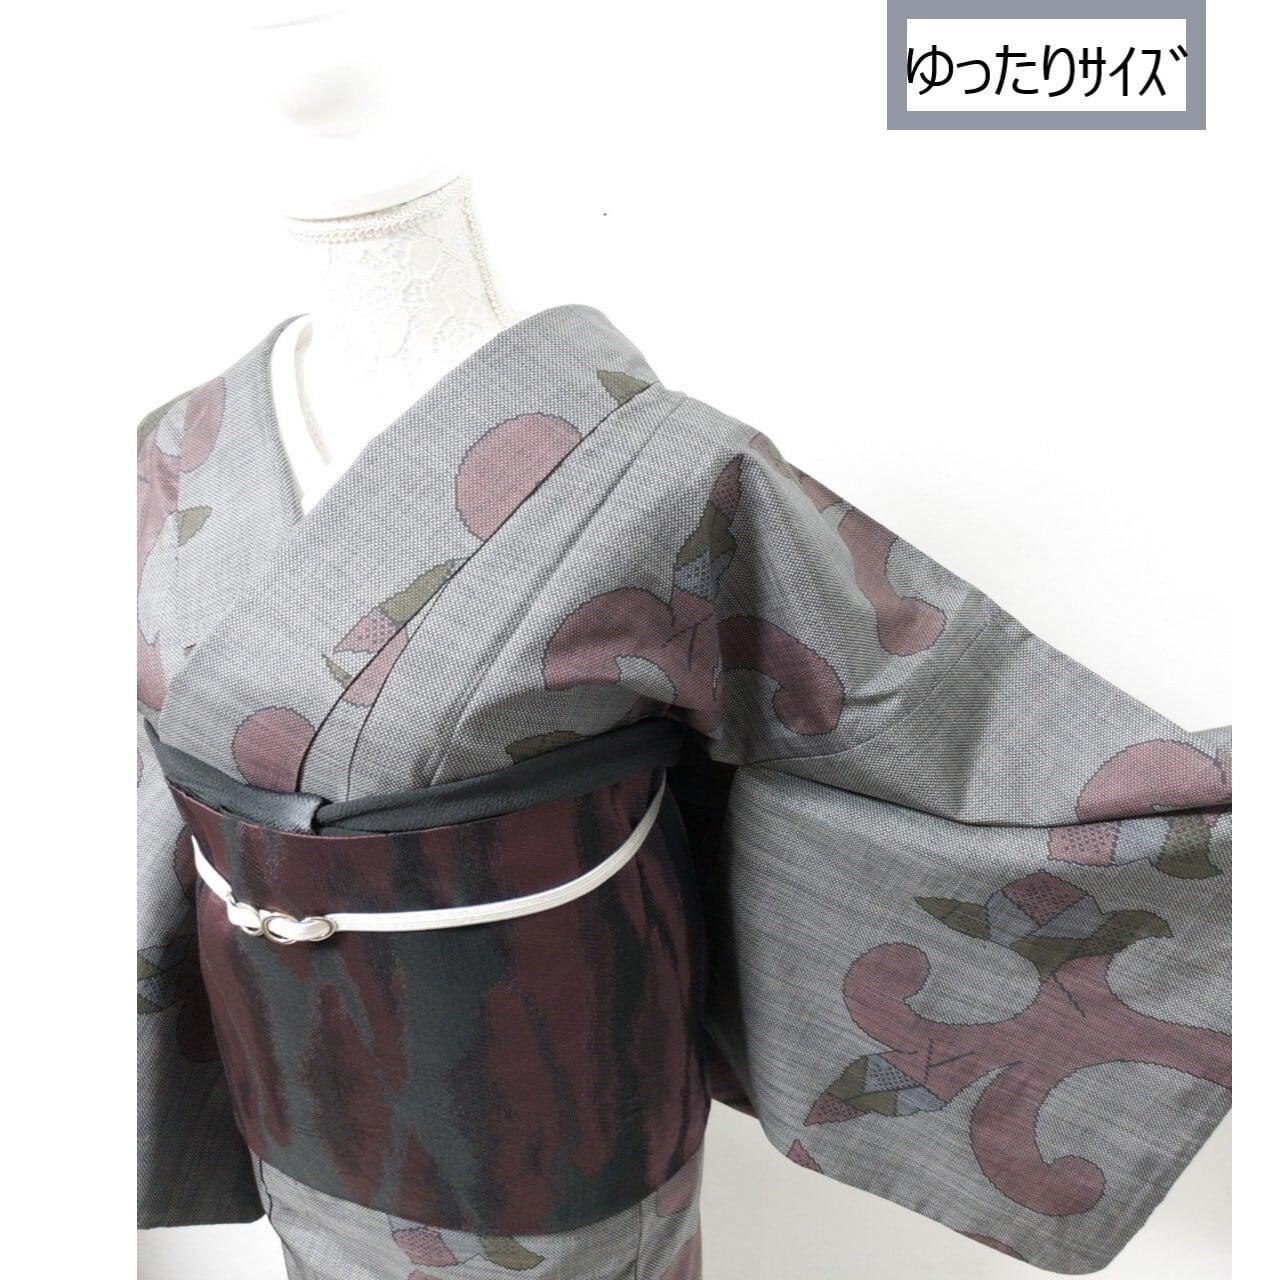 【ゆったりサイズ】つるりとした紬 大胆なモダン柄 濃いグレー系 丈163裄67